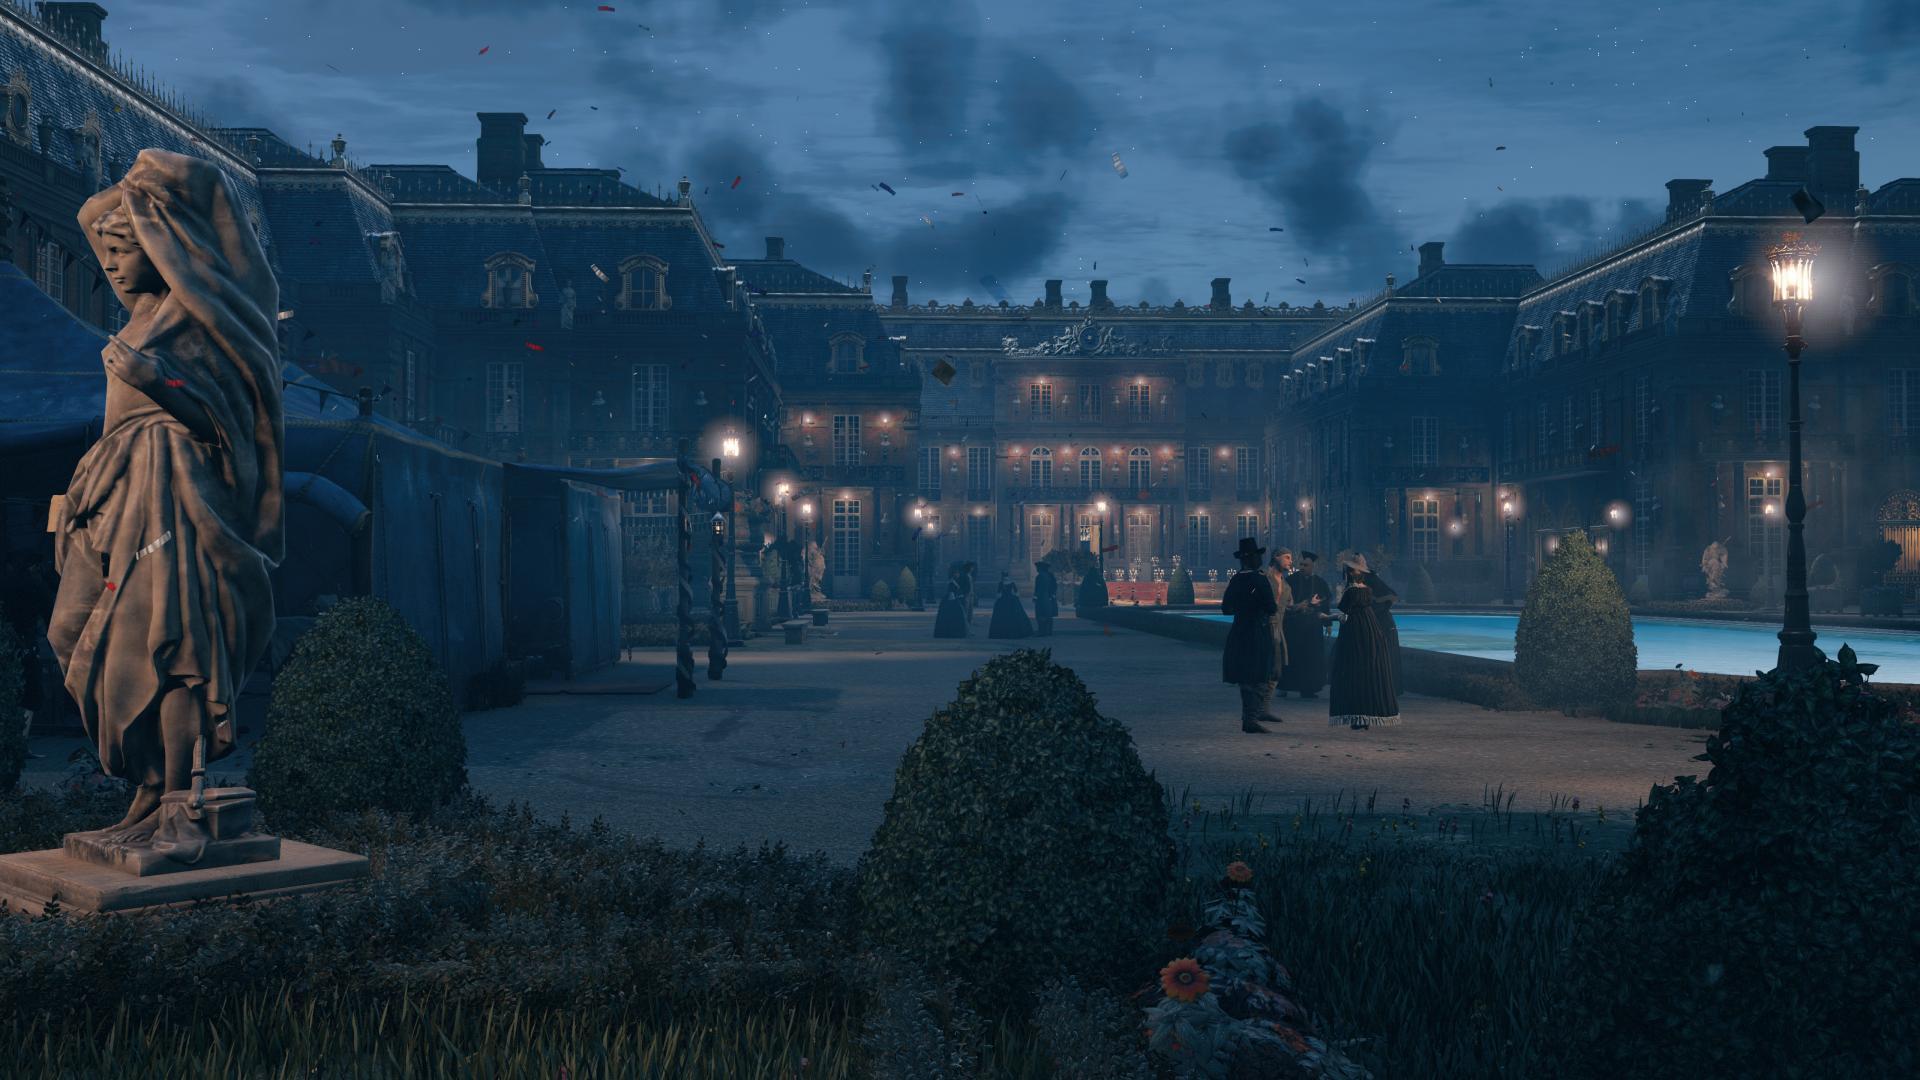 PS4「アサシン クリード ユニティ」でフランス革命を疑似体験できるのにプレイしないなんて勿体無い